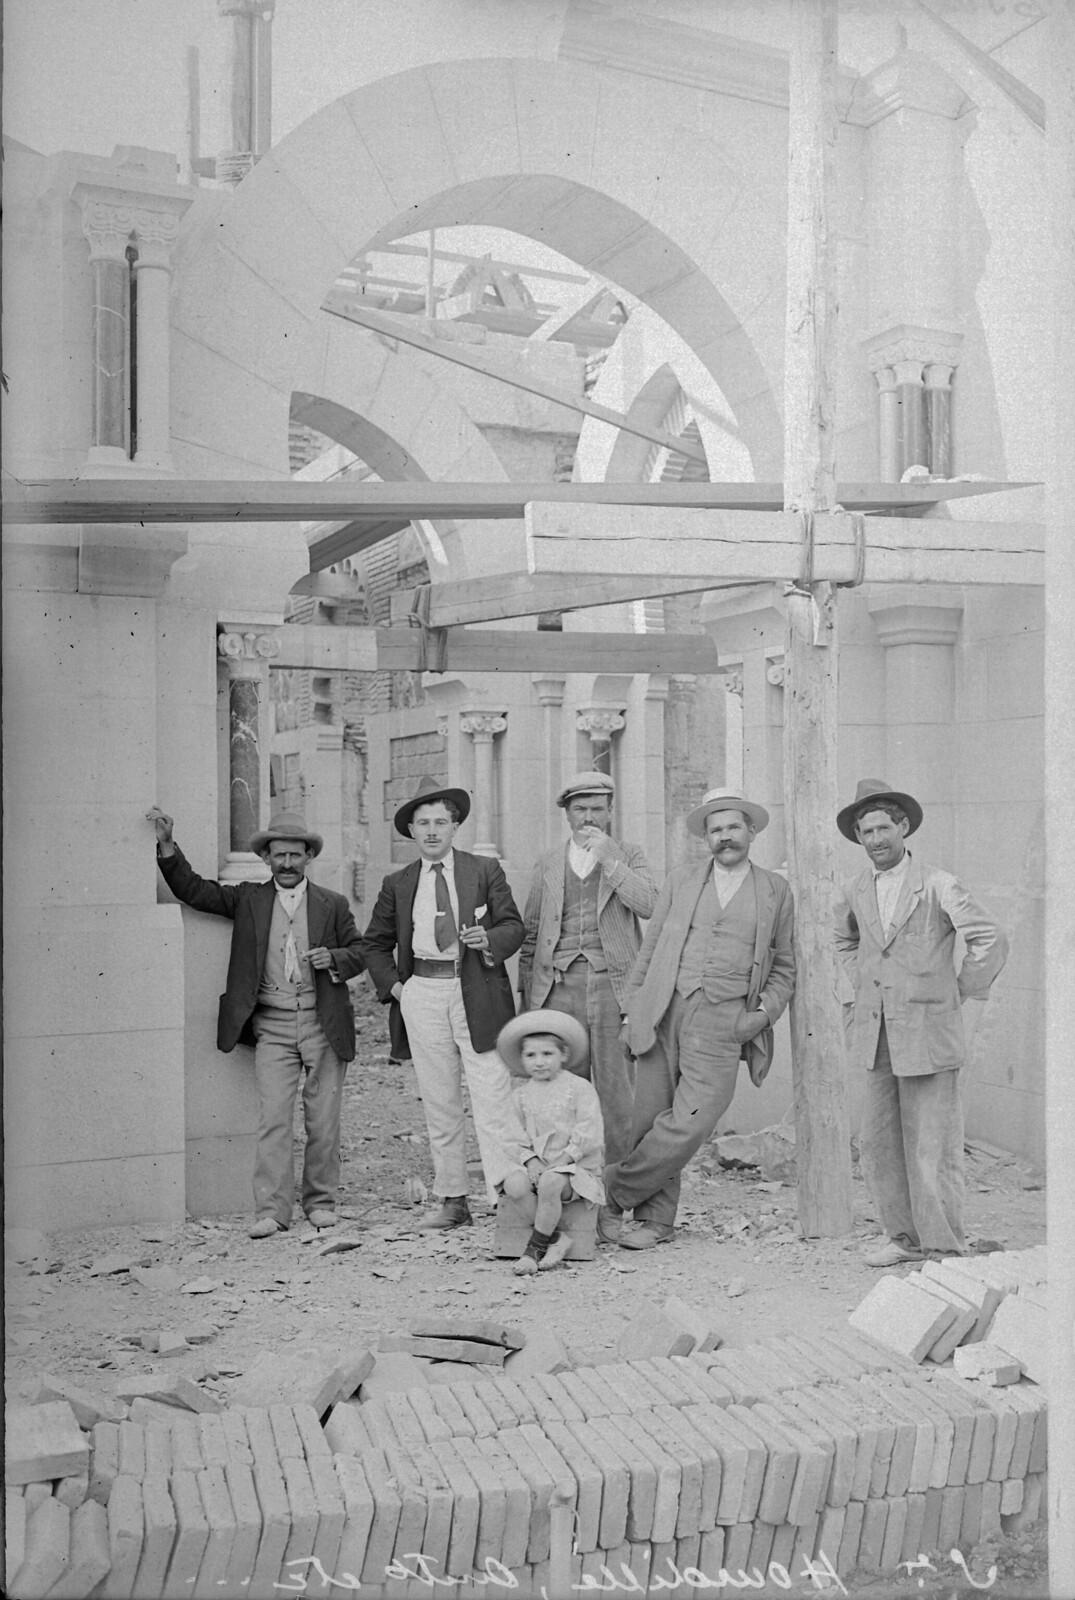 El arquitecto E. Hourdille en las obras de la estación de Toledo © Archivo Histórico Ferroviario del Museo del Ferrocarril de Madrid. Fotografía de F. Salgado. Signatura 0432-IF MZA 0-5